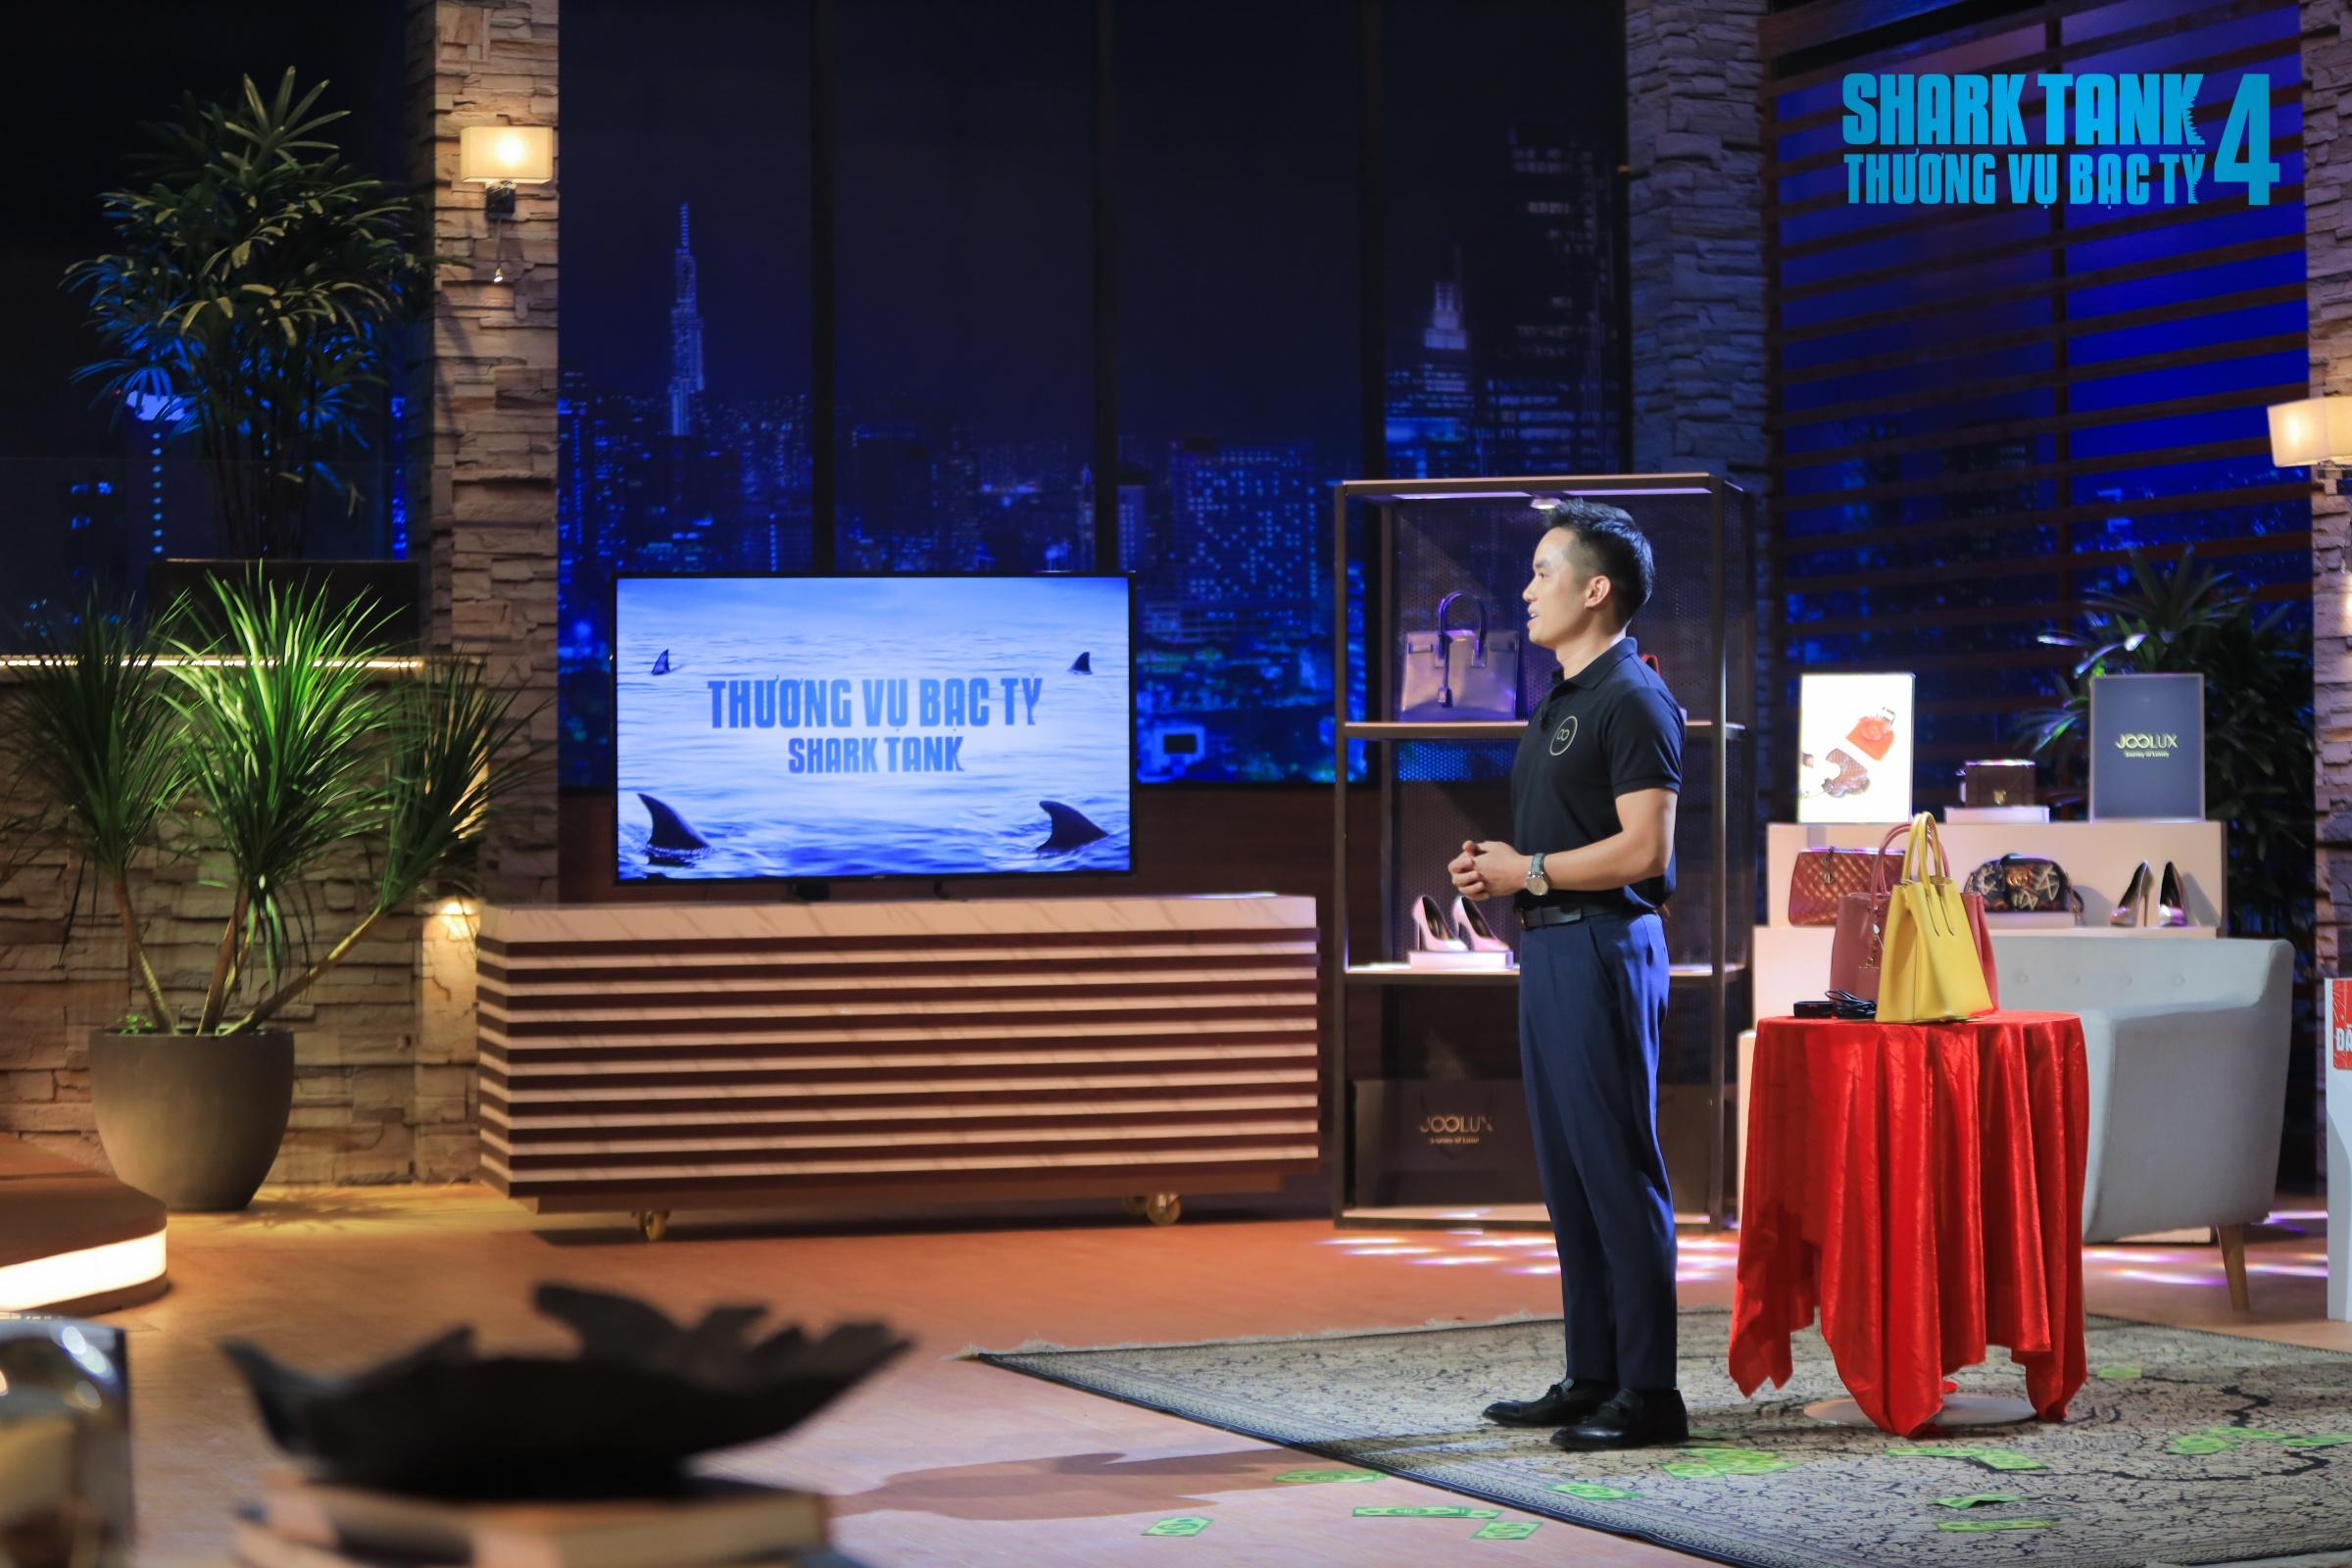 CEO Tạ Xuân Hiển lên Shark Tank gọi vốn, thu hút các nhà đầu tư, nhất là công nghệ kiểm định hàng hiệu và mô hình kinh doanh mới mẻ.